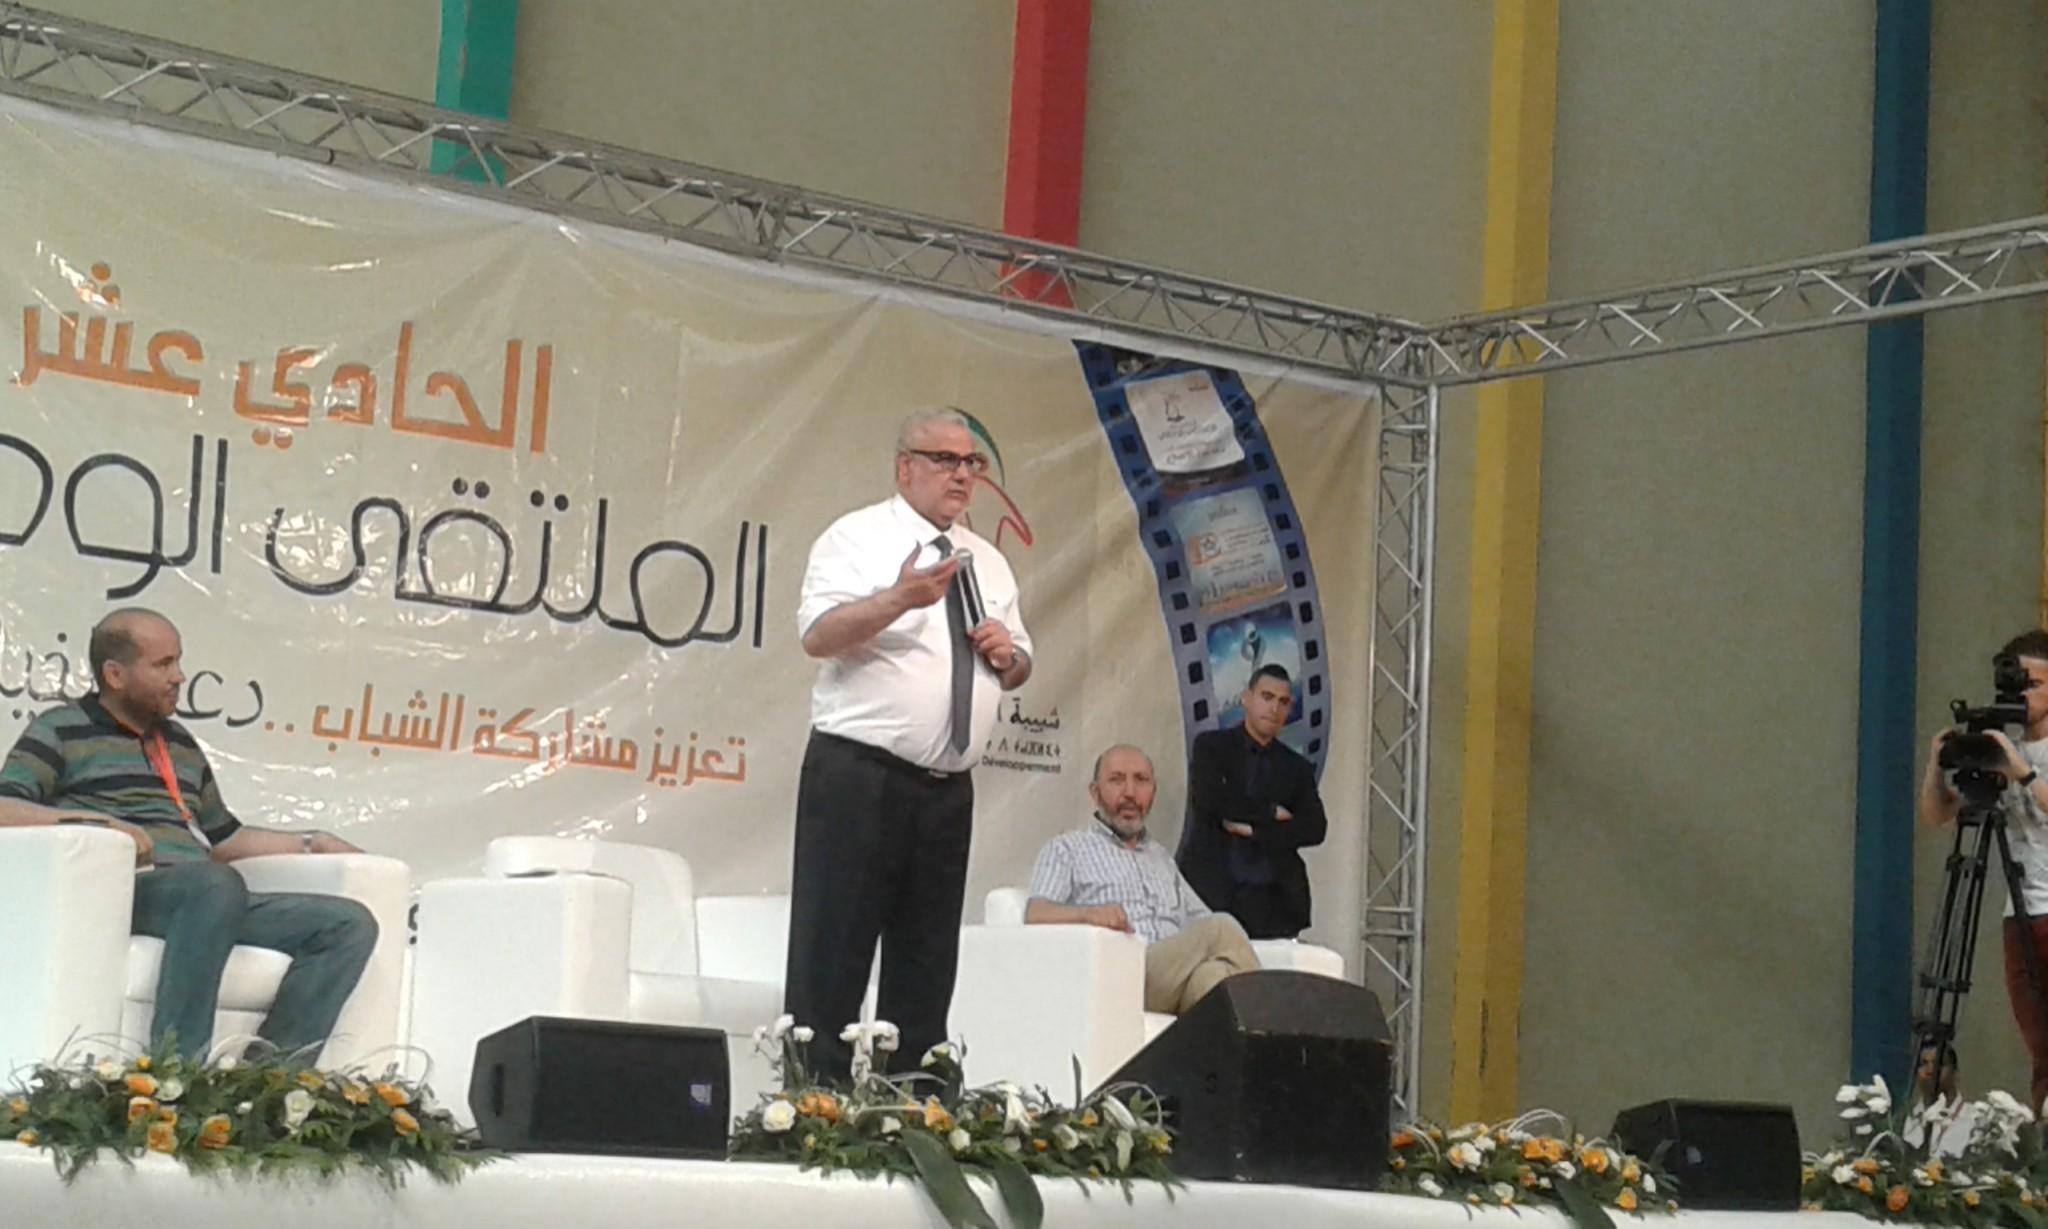 عاجل بنكيران: يمكننا التراجع عن كل شيء إلا مرجعيتنا الإسلامية